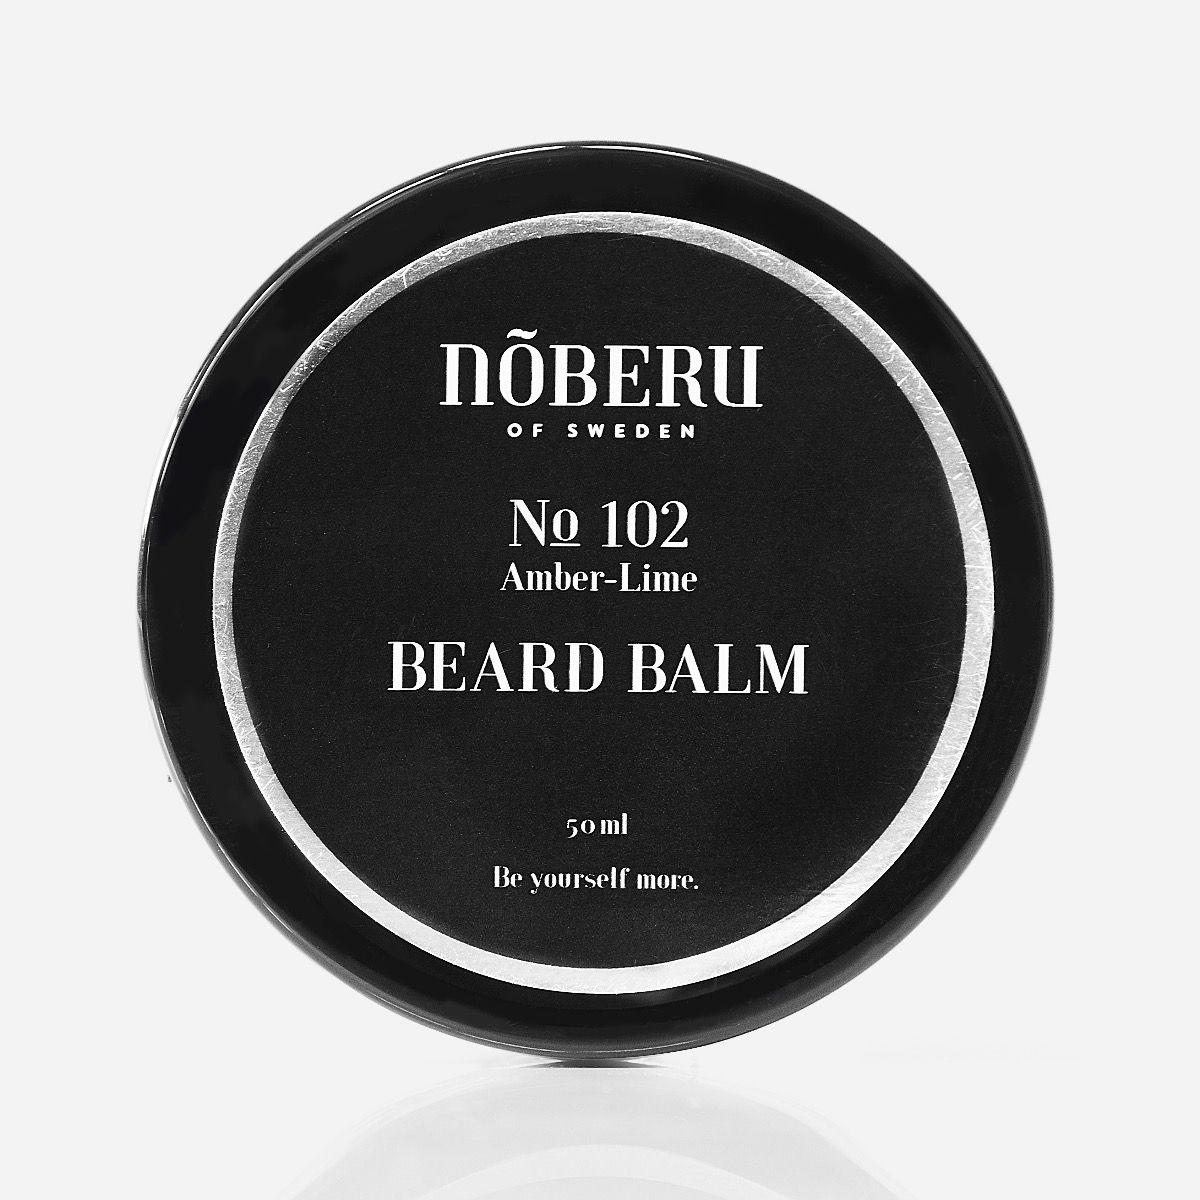 Nõberu Beard Balm Amber-Lime 50ml